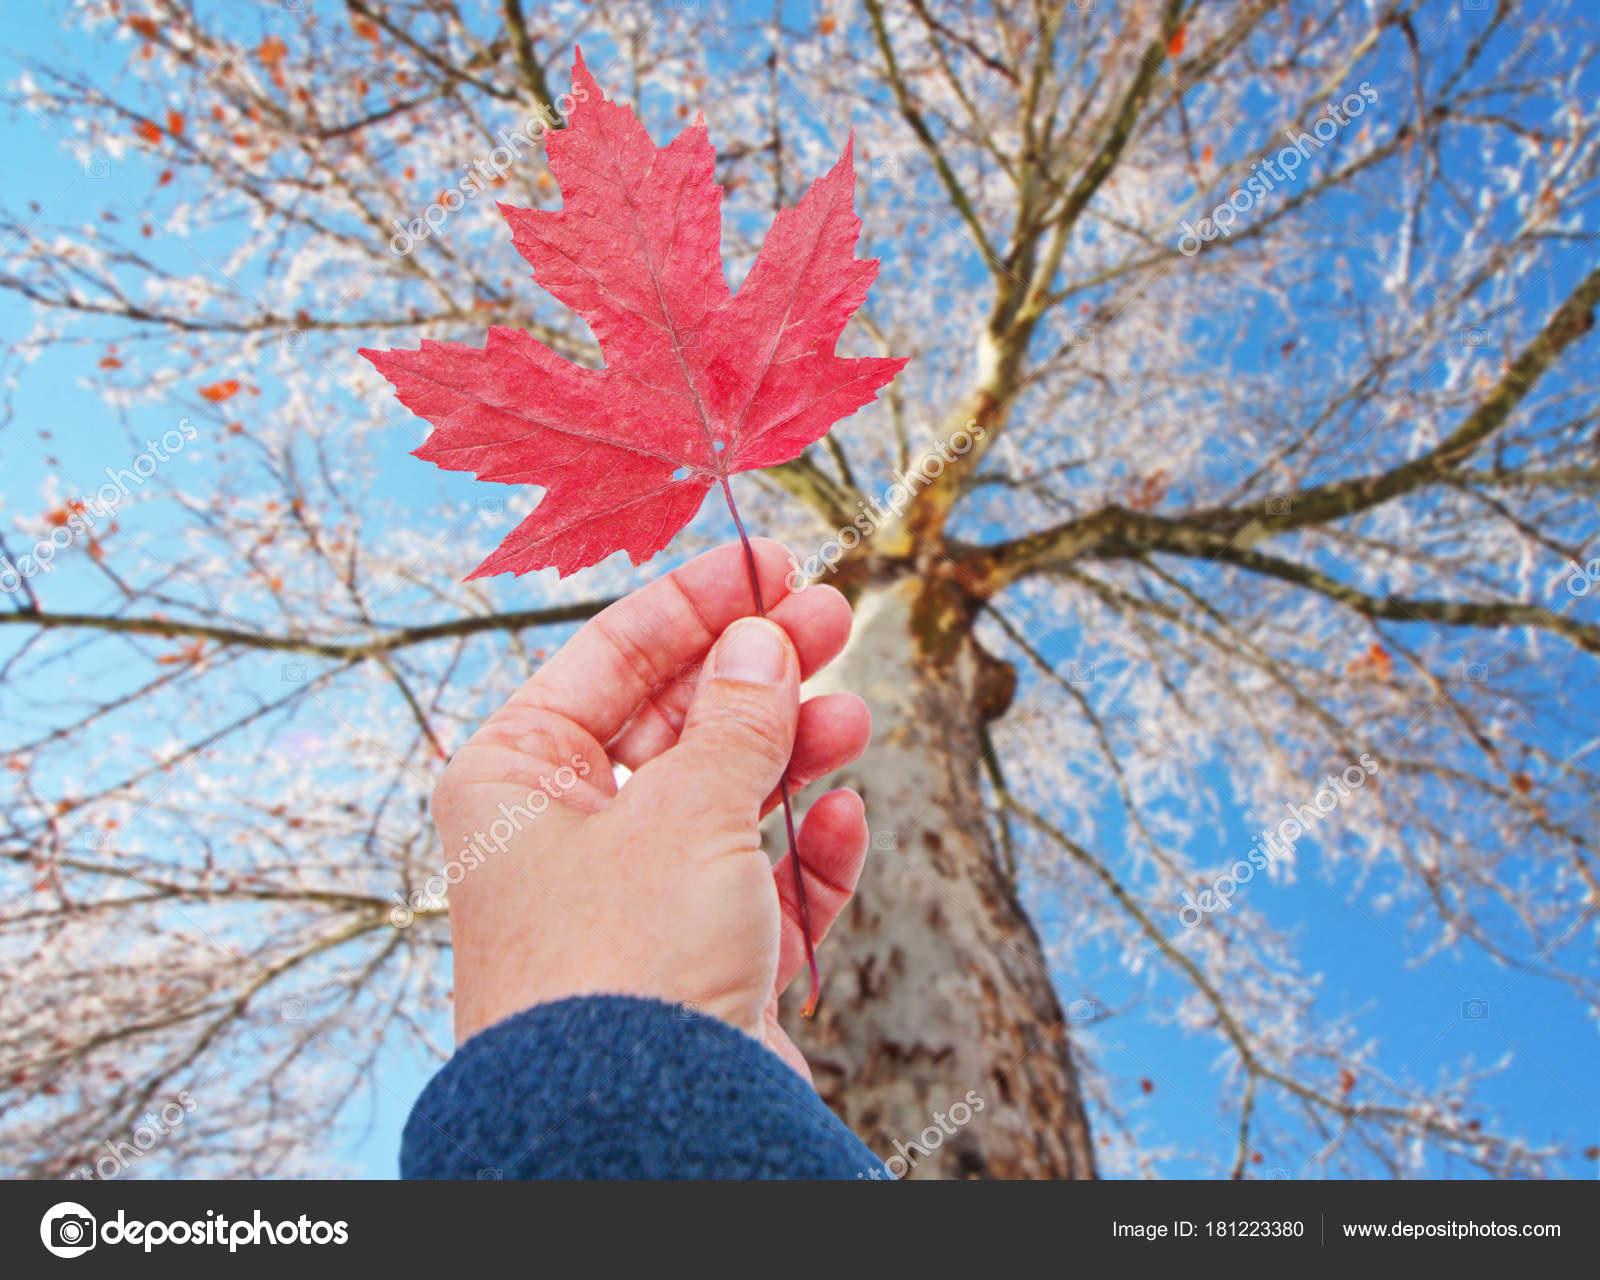 main tenant une feuille rouge jusqu'à un arbre à l'automne, ce qui